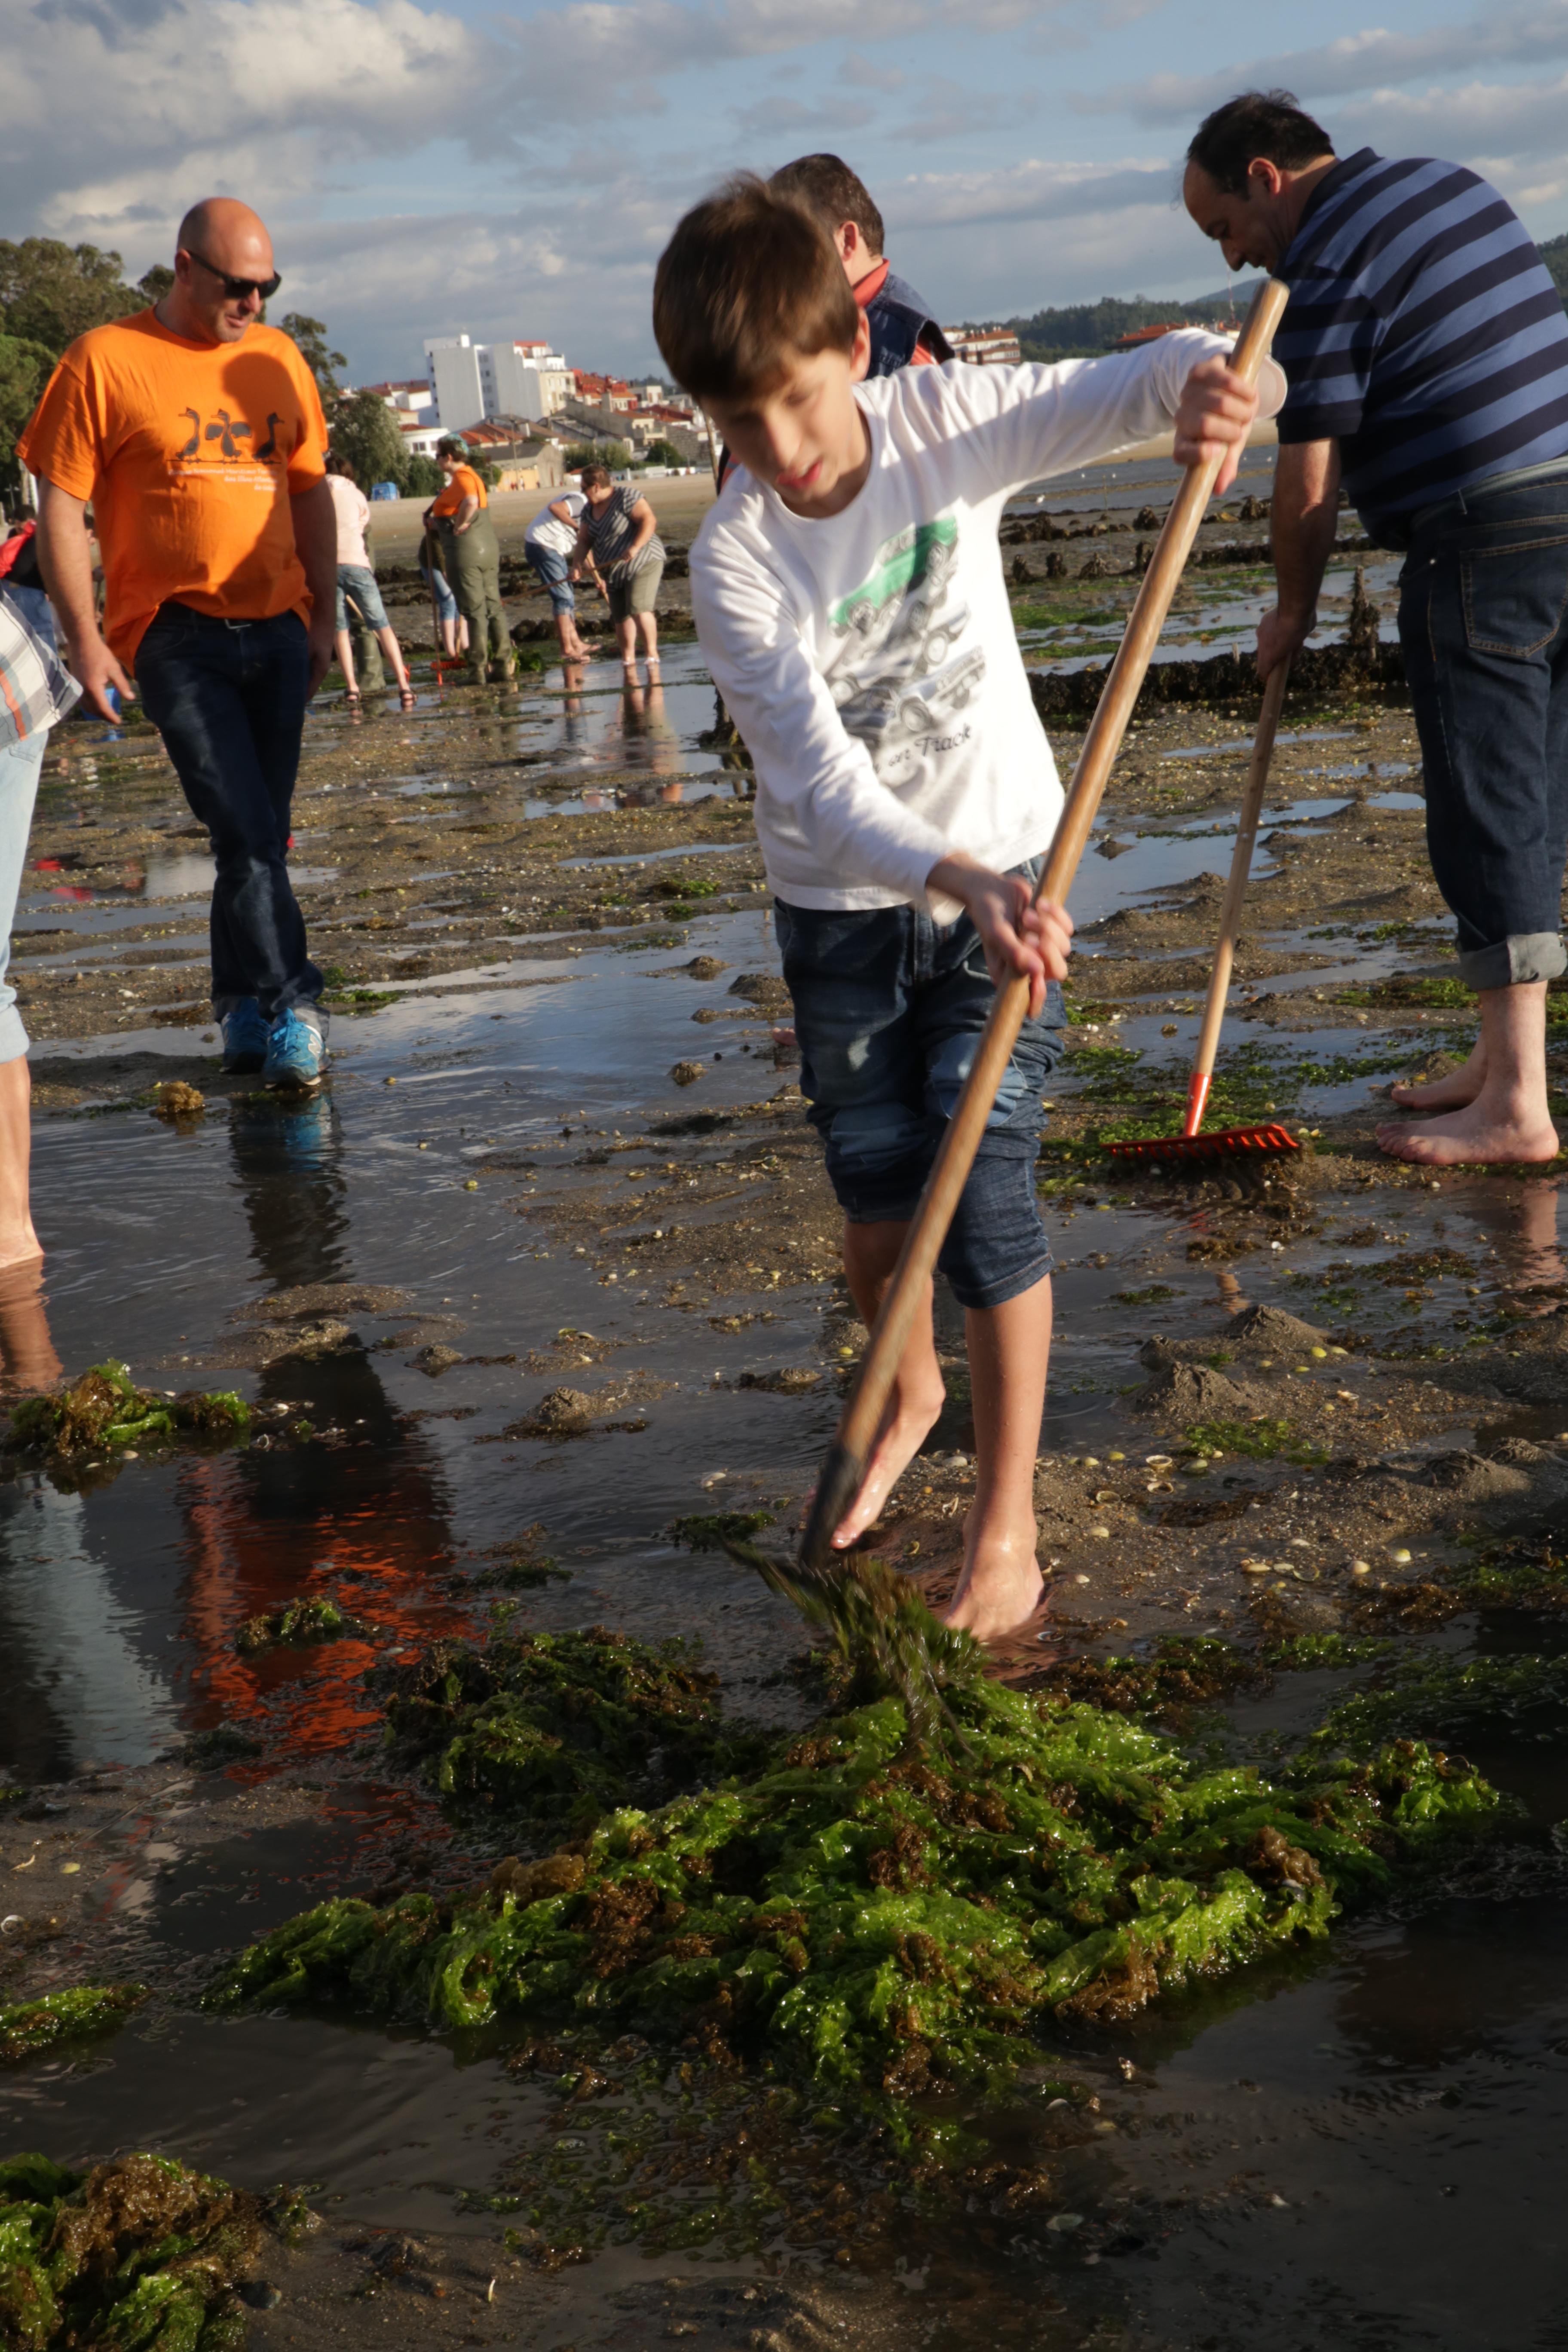 marisqueo amarcarril limpiando algas